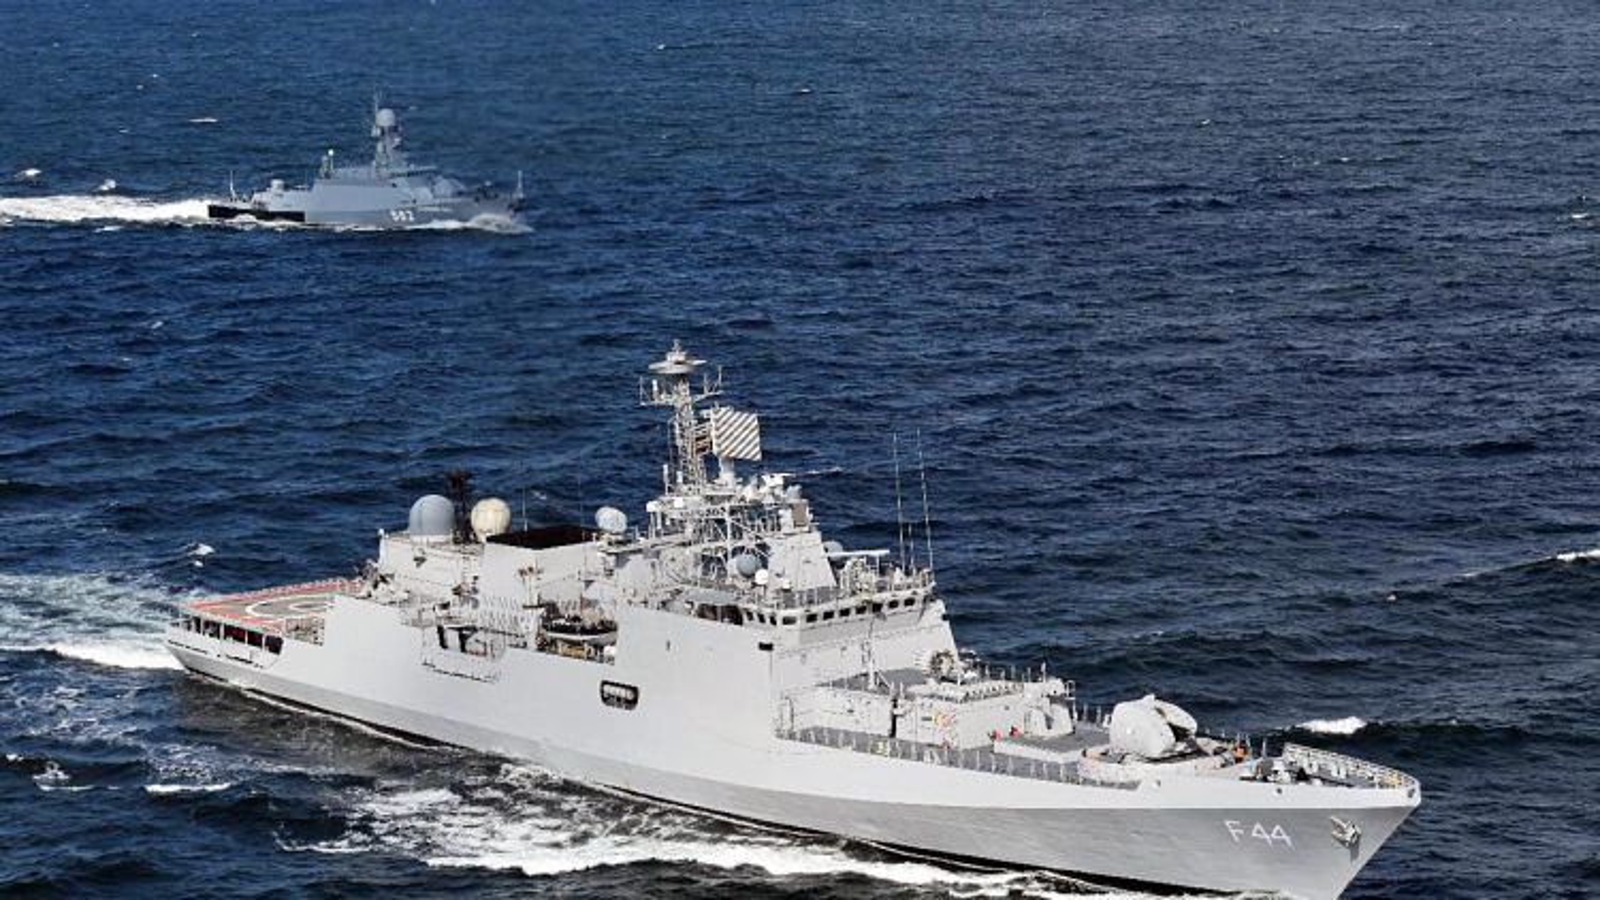 Ấn Độ cử 4 tàu chiến tới Biển Đông tham gia nhiều cuộc tập trận